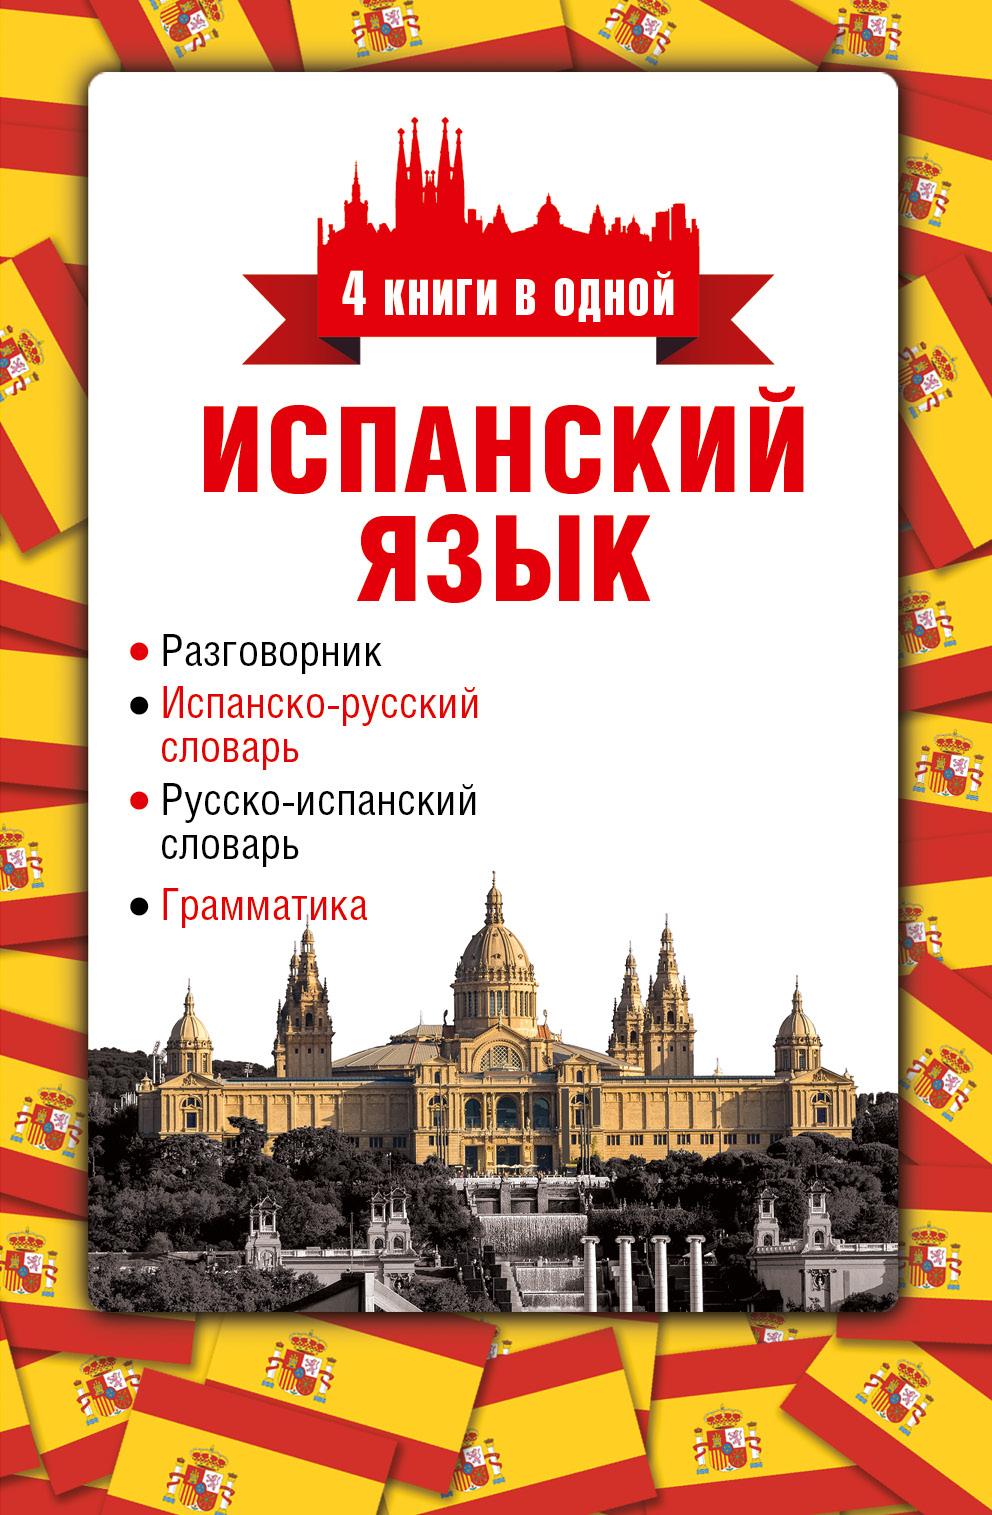 Испанский язык. 4 книги в одной: разговорник, испанско-русский словарь, русско-испанский словарь, грамматика